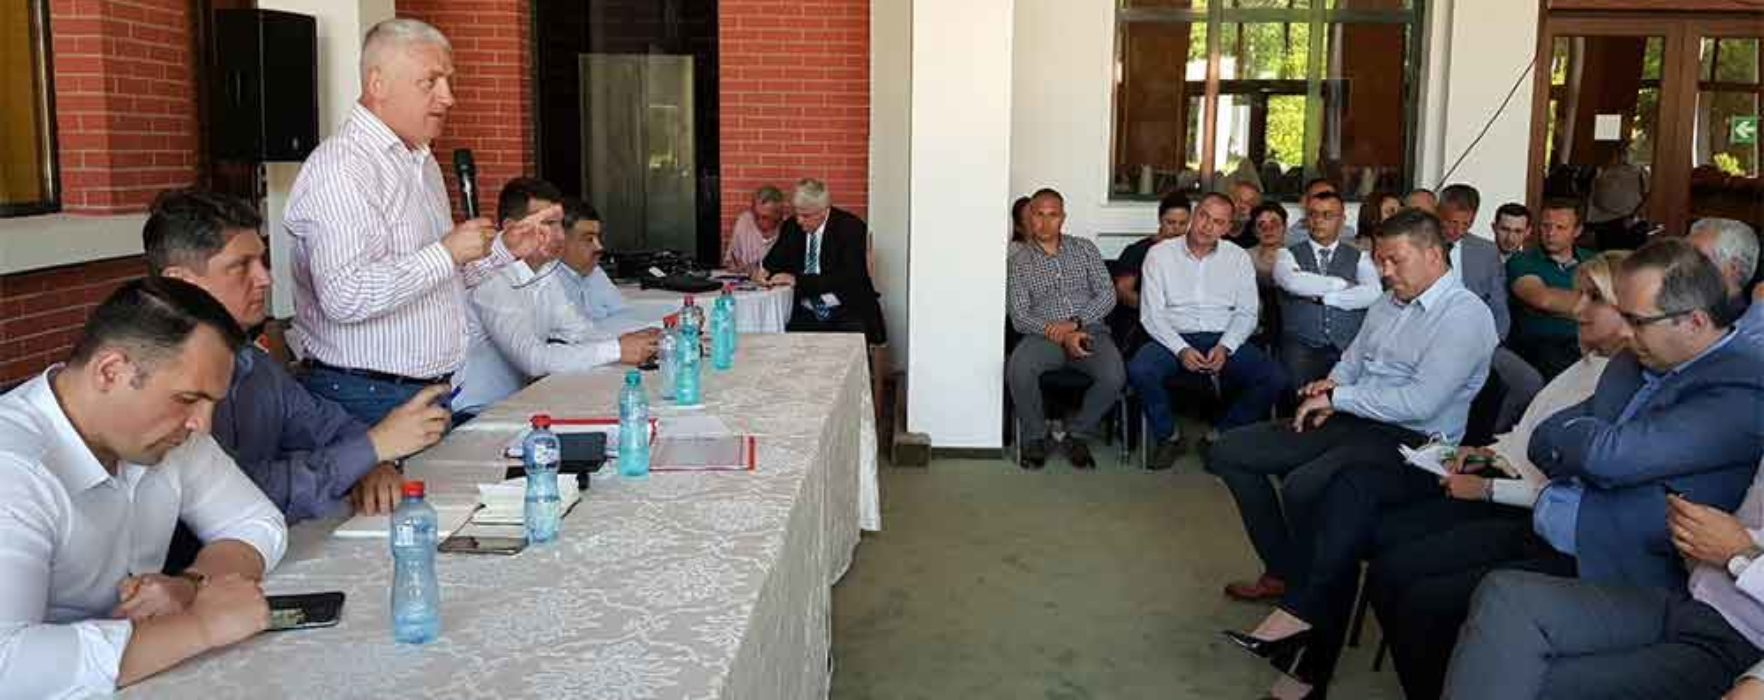 Adrian Ţuţuianu: Mai mulţi primari PNL şi UNPR au participat la Comitetul Executiv al PSD Dâmboviţa